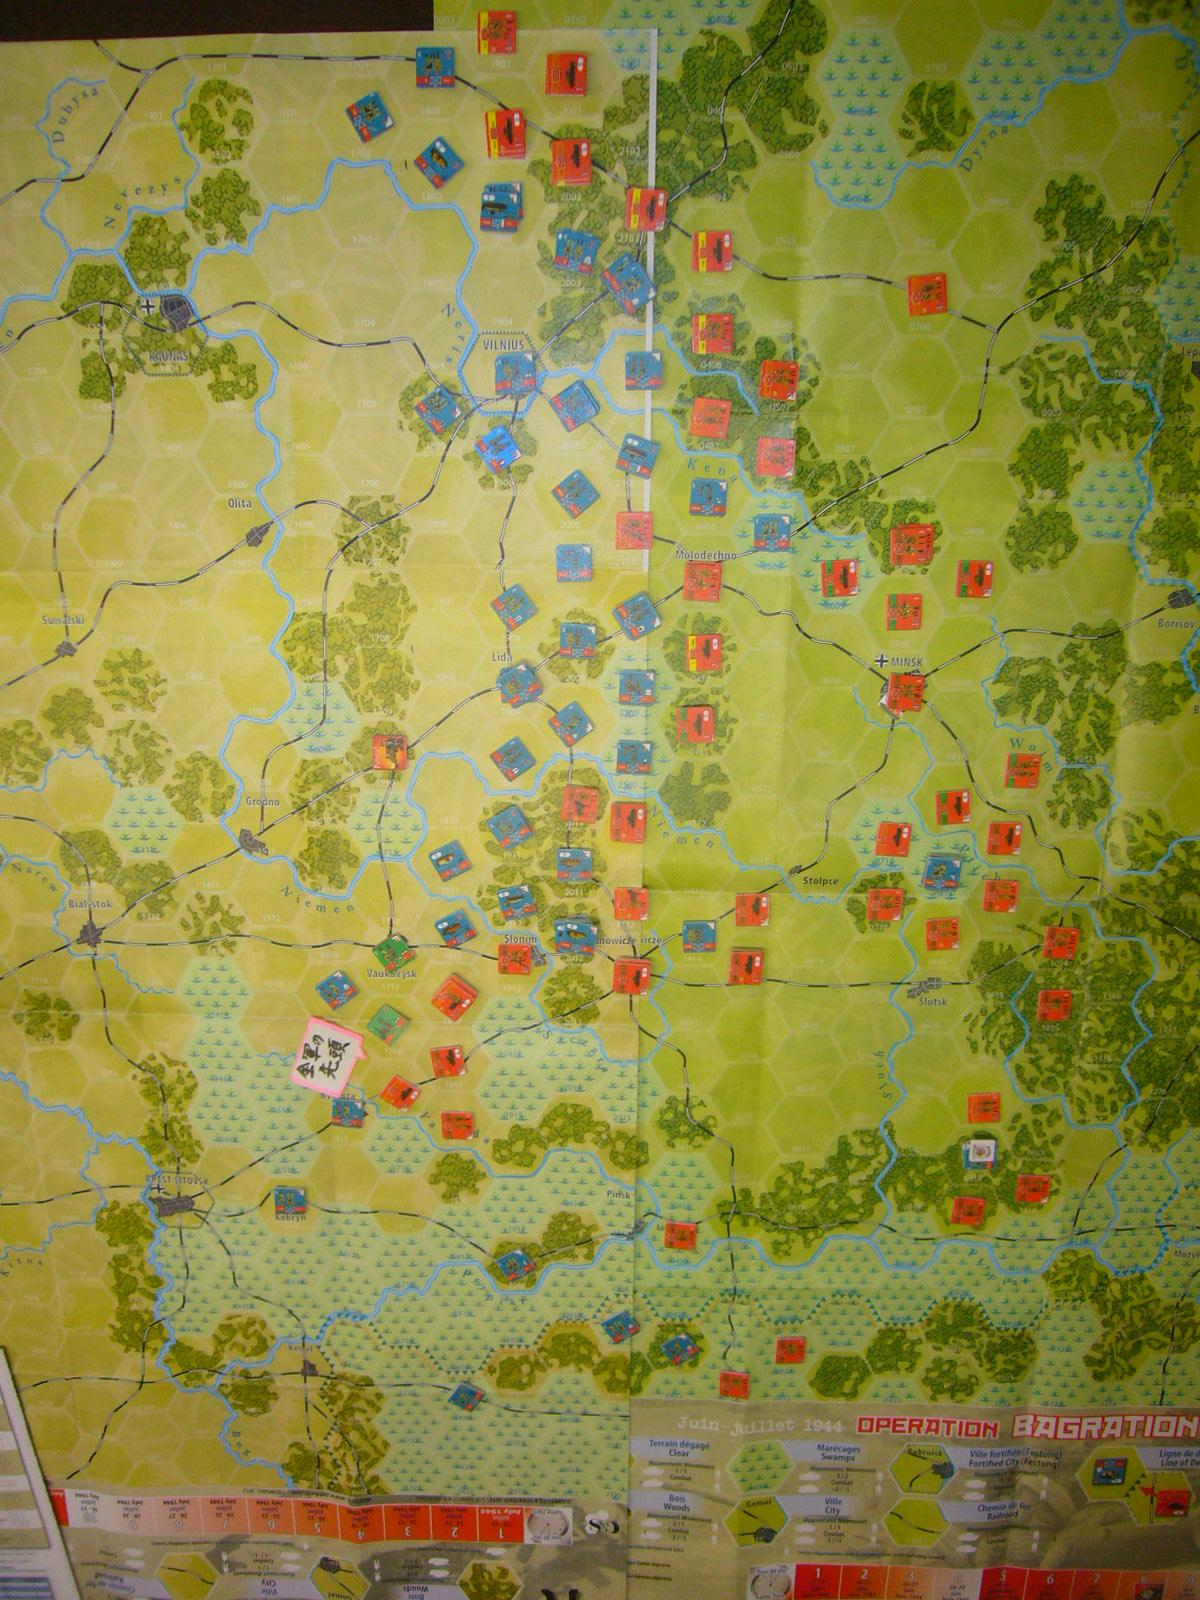 YSGA 9月例会の様子その5(仏C&H社製の東部戦線1944 『バグラチオン作戦』+『ワルシャワ蜂起』)その➌_b0173672_00084047.jpg